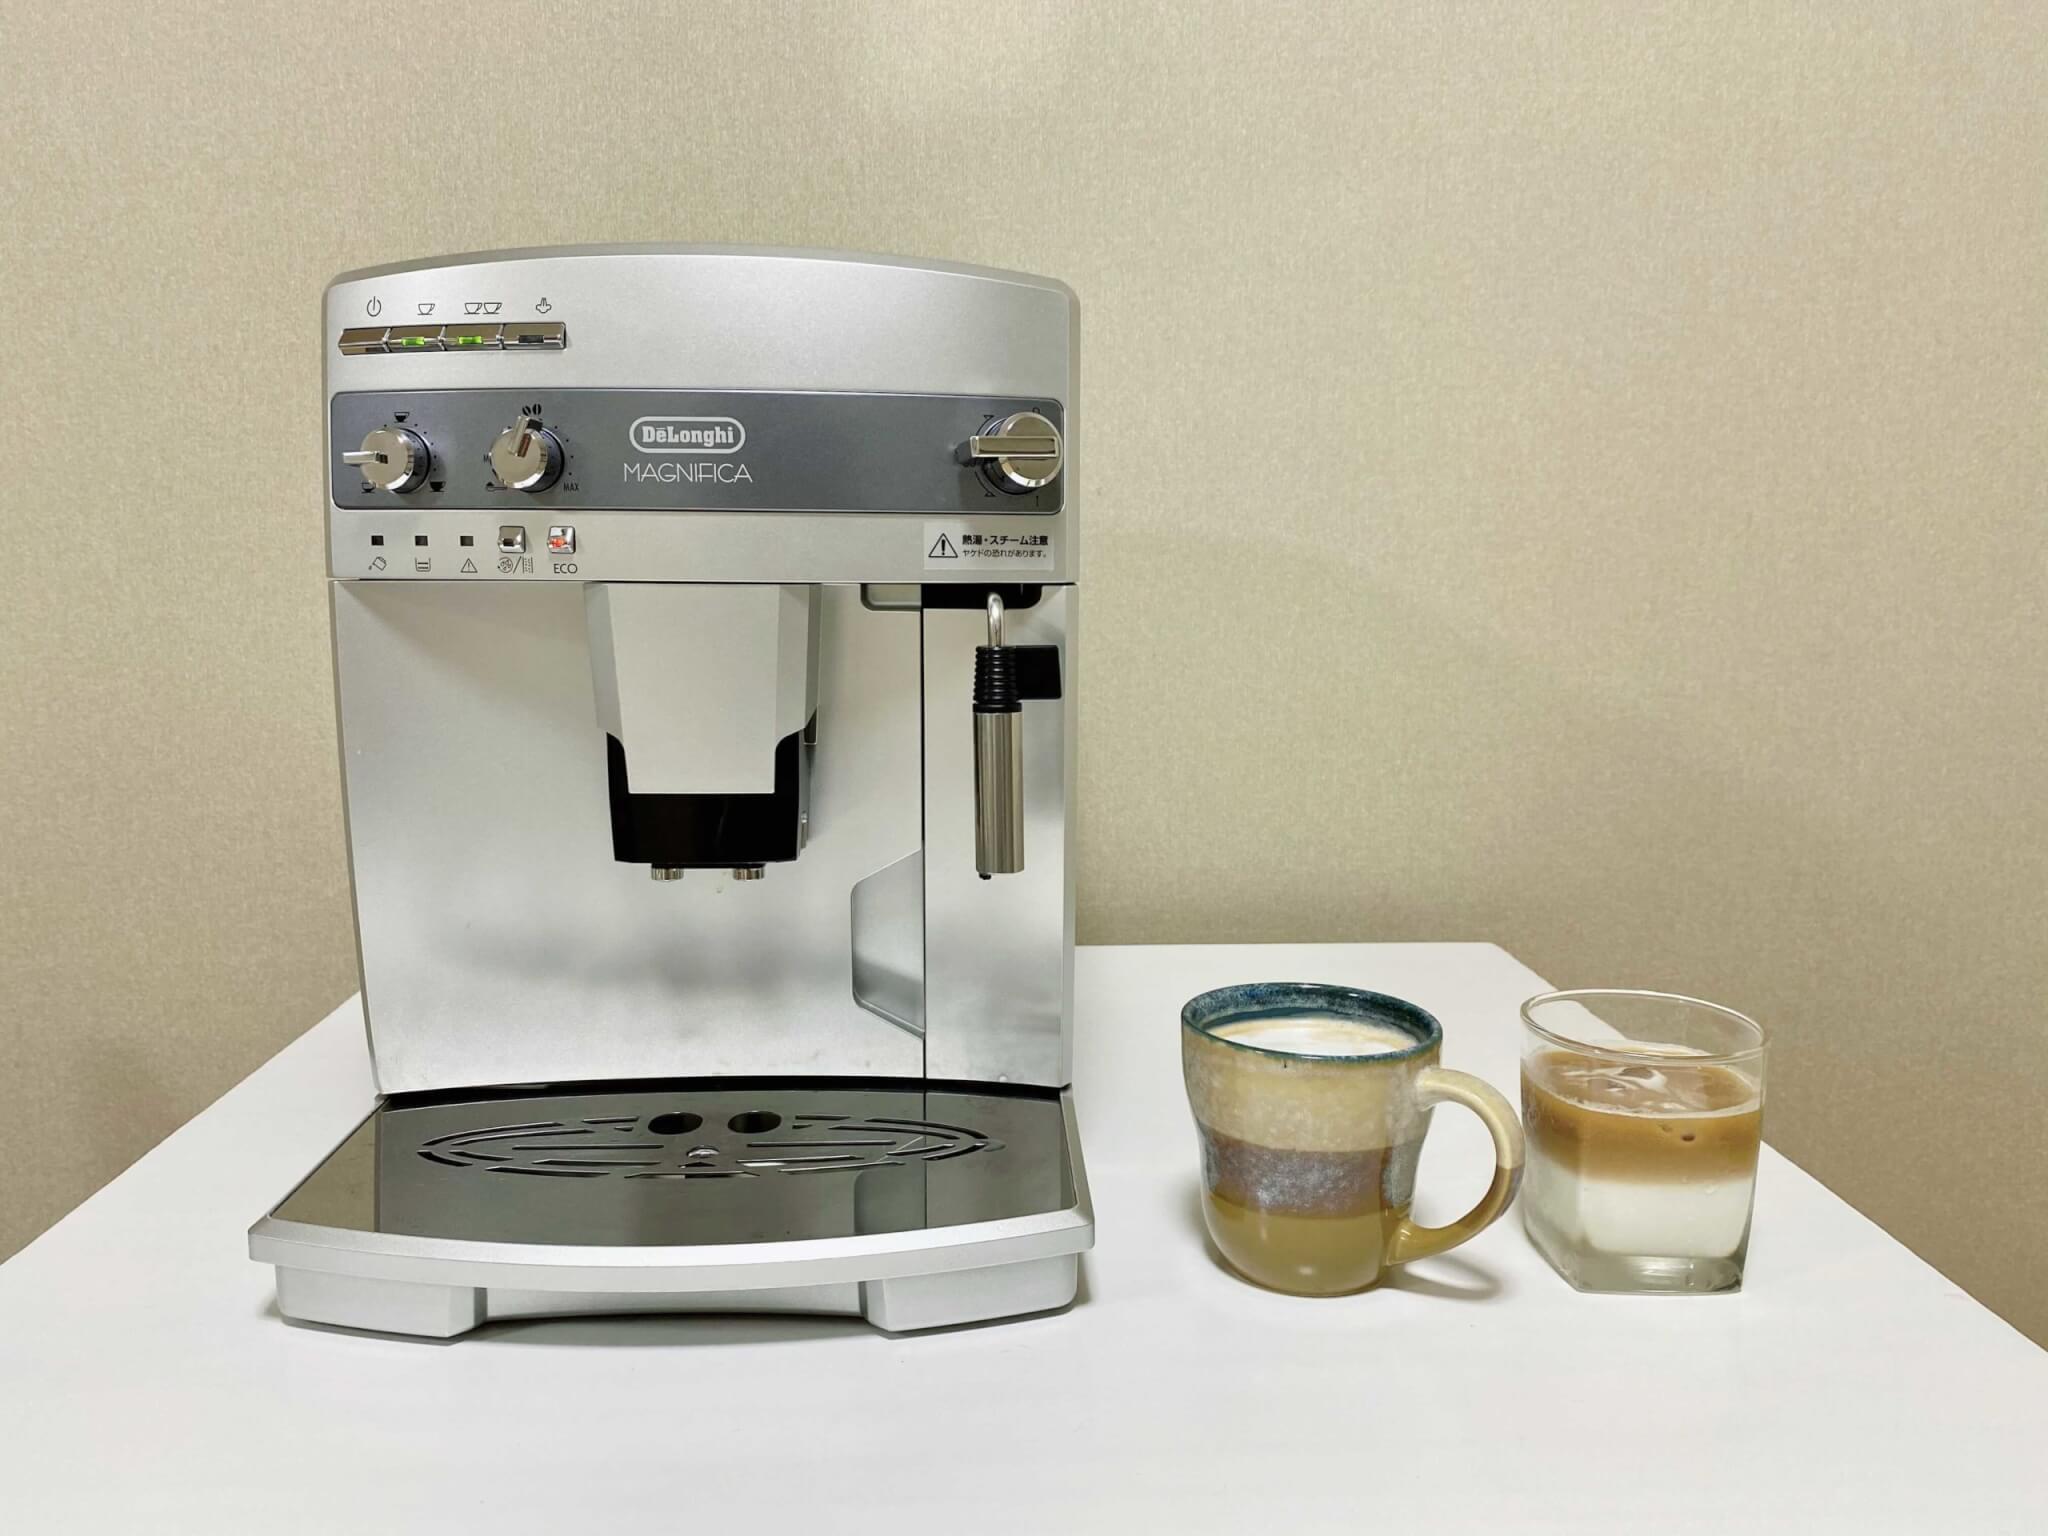 デロンギ「マグニフィカ ESAM03110」で家カフェ体験レビュー!簡単操作で自分好みの一杯がつくれる!